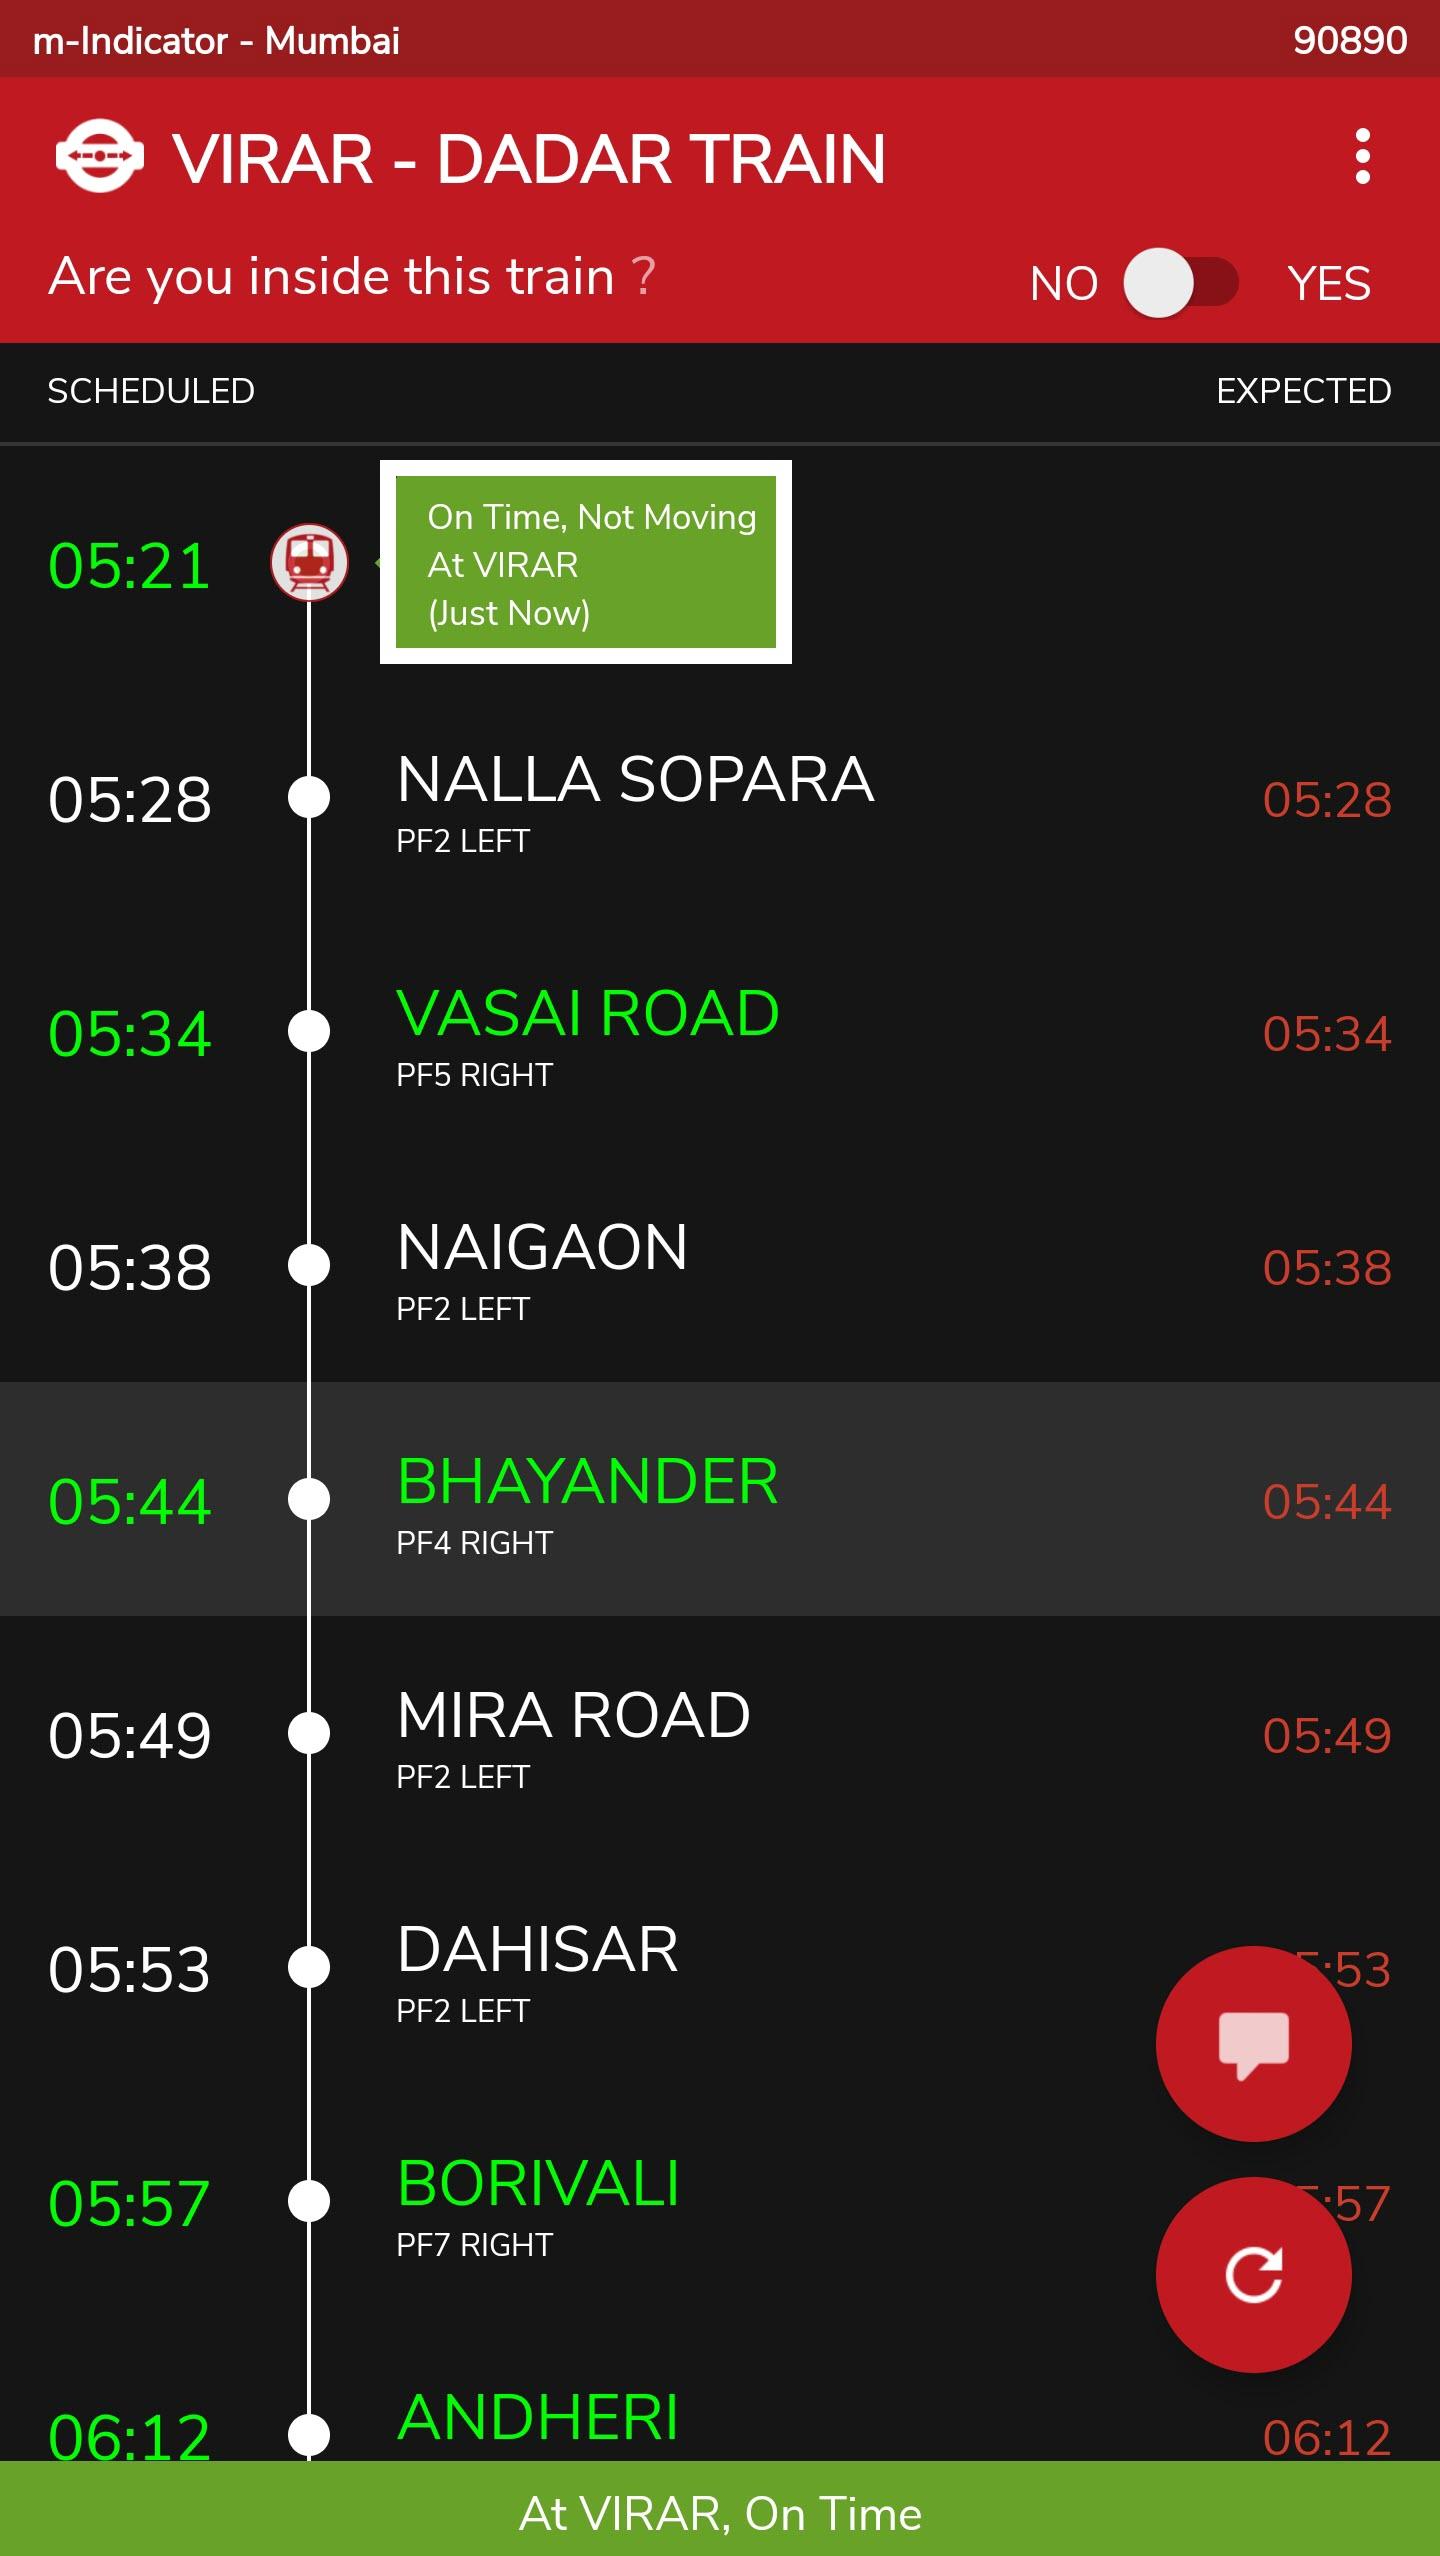 Как в прямом эфире отслеживать пригородные поезда Мумбаи, используя m-Indicator 3